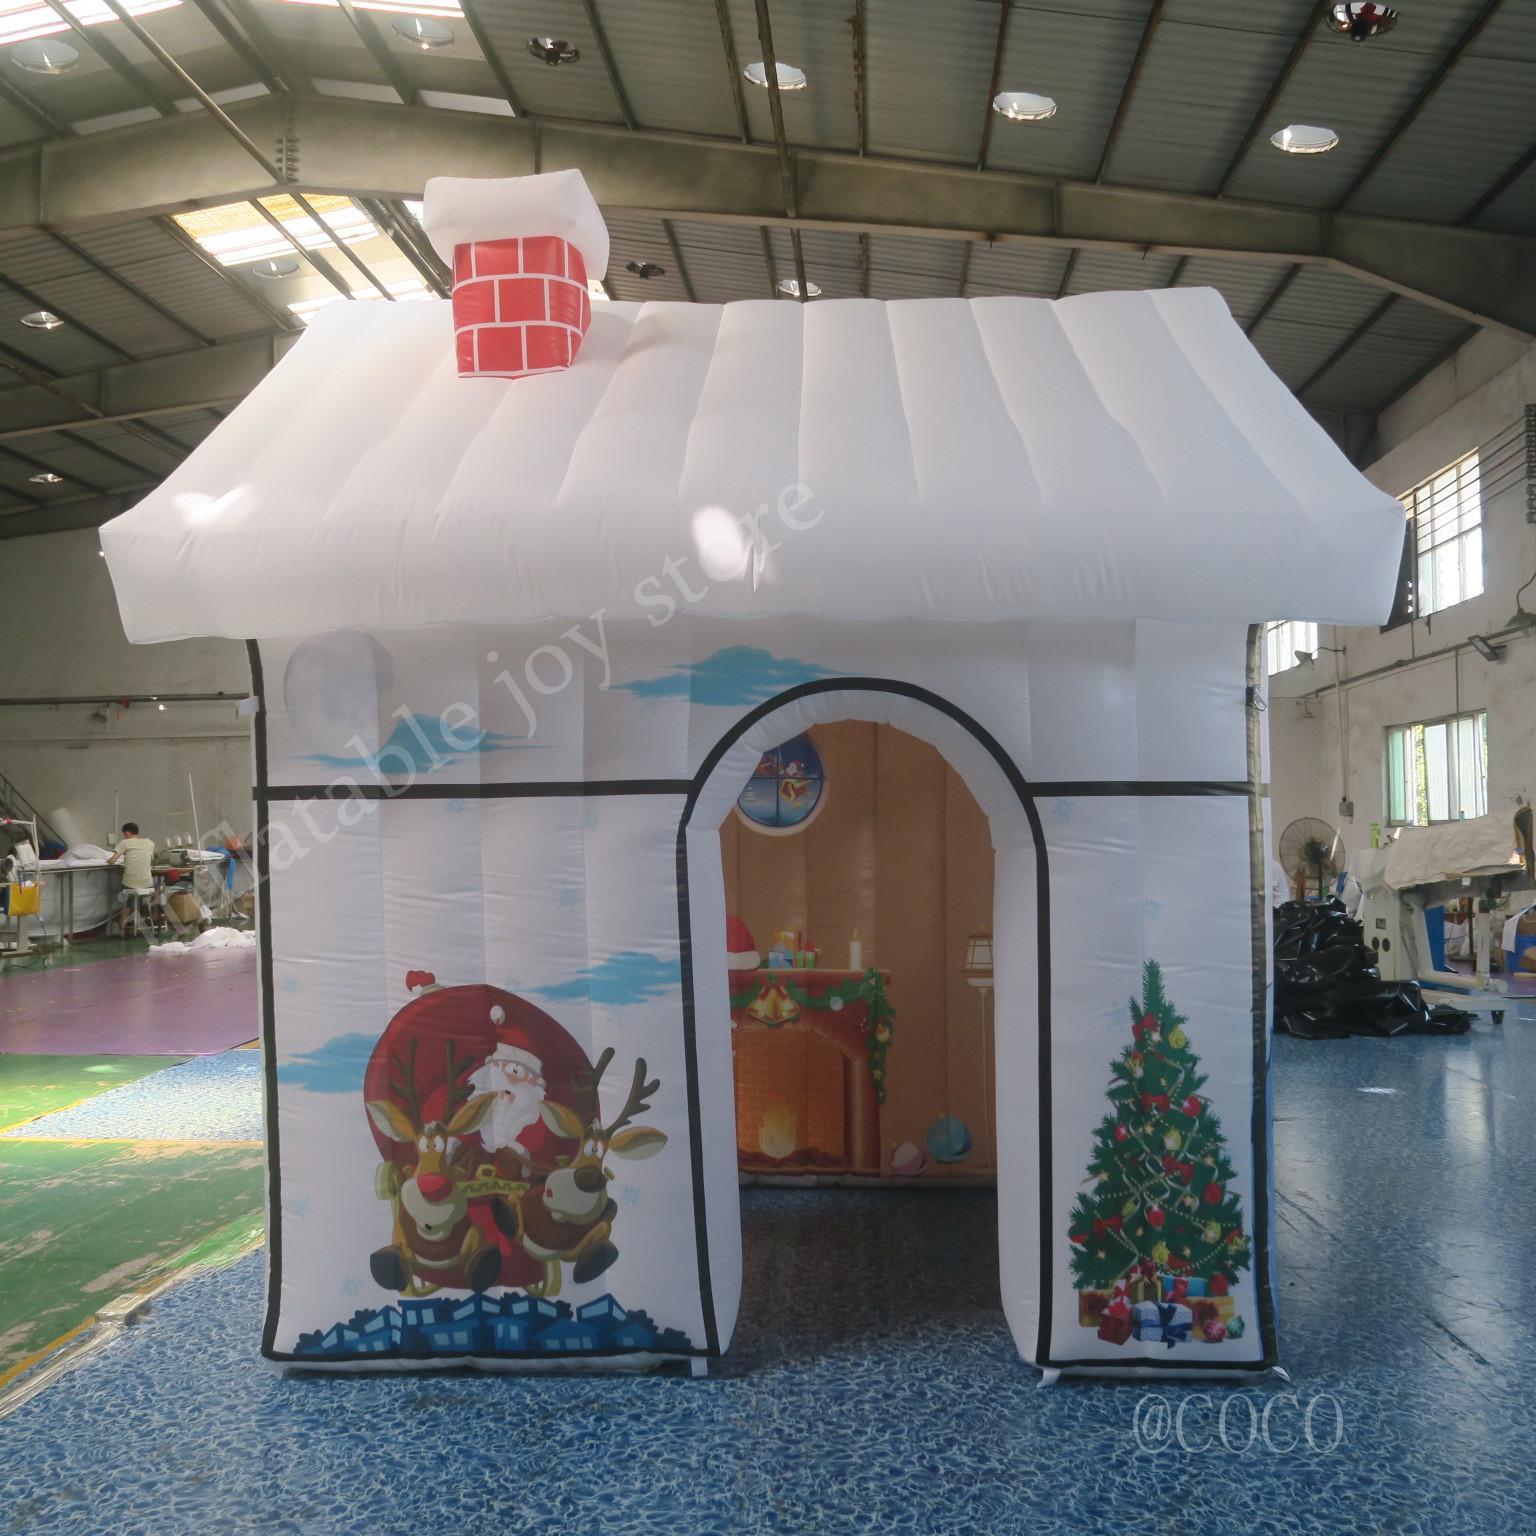 3x3x2.5mH белый надувной Рождество дом для продажи, на открытом воздухе украшения надувной Санта дом Санта-Клаус